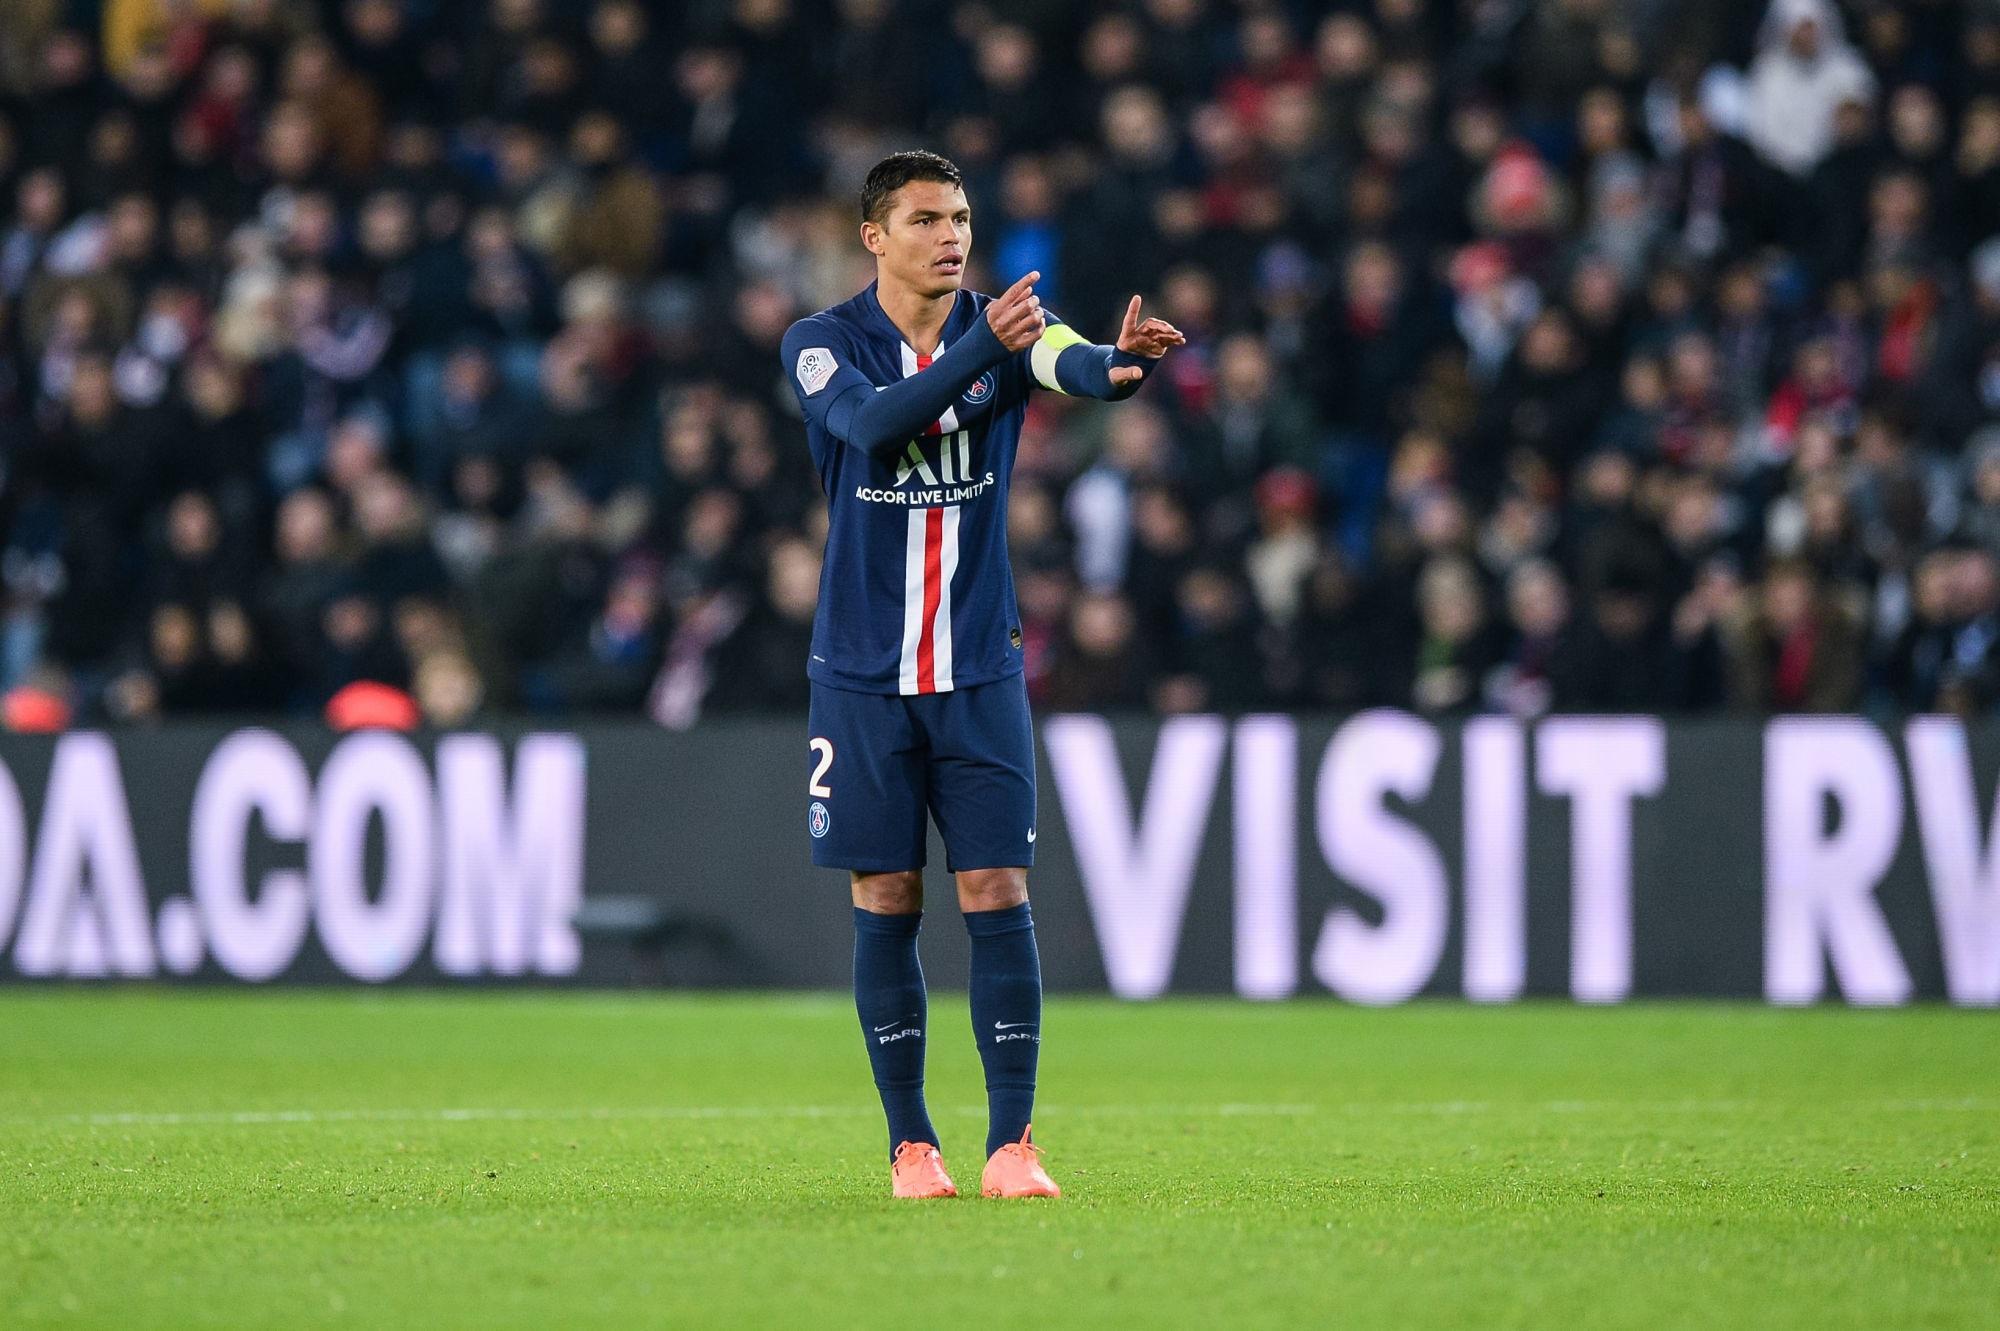 Mercato - Thiago Silva a passé sa visite médicale pour signer à Chelsea, indique Le Parisien